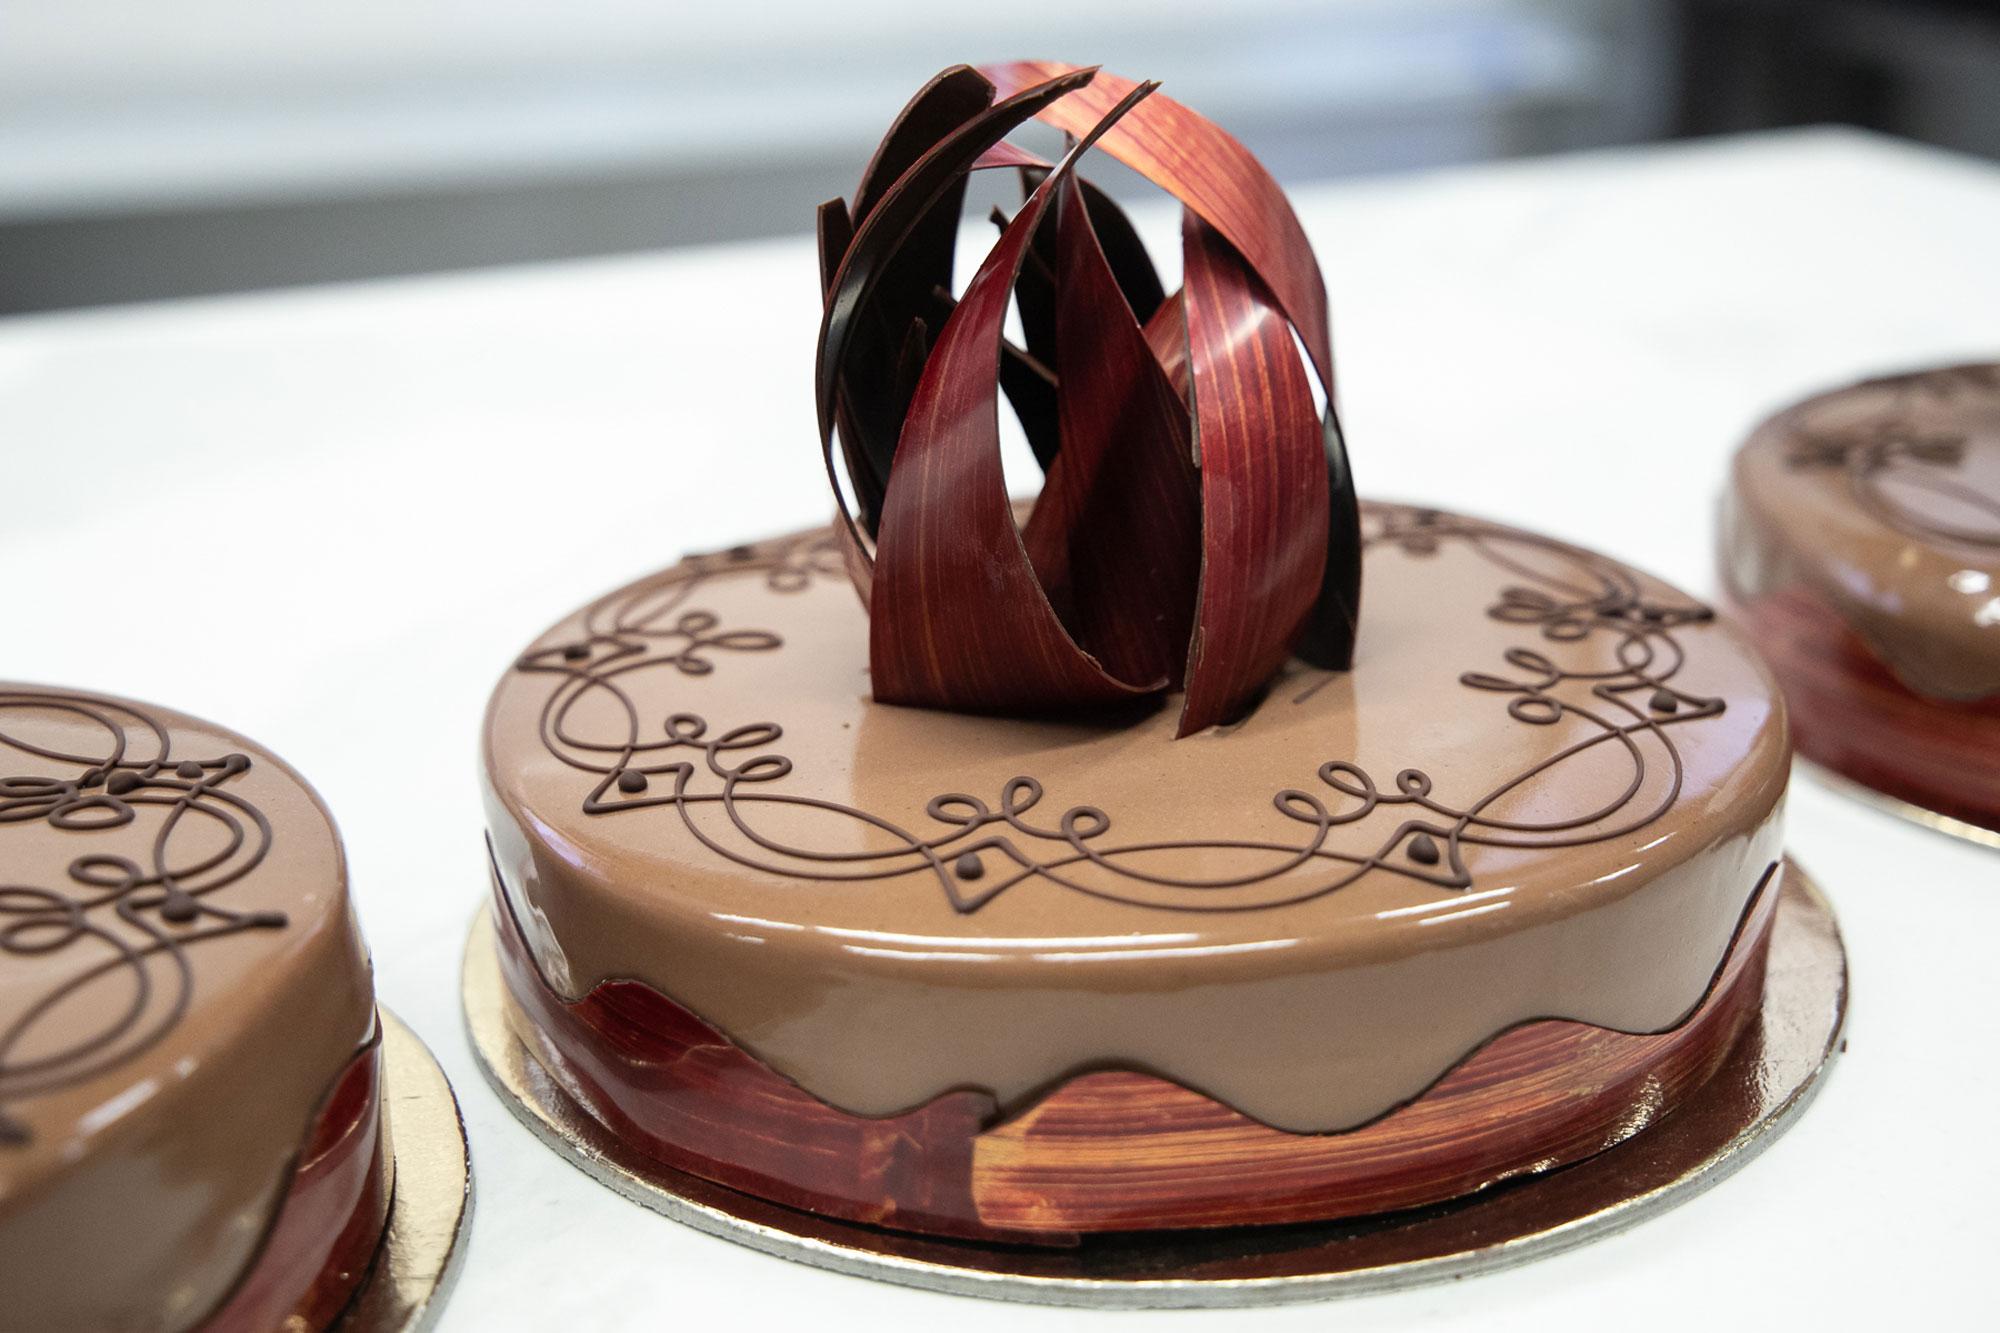 """La torta, uno dei primi """"amori"""" di Davide Comaschi, qui realizzata interamente in cioccolato. La sua carriera, dopo la formazione al C.A.P.A.C. meneghino, prende avvio dalla pasticceria Martesana di Milano, dove a 13 anni come stagista comincia proprio dalle basi: i prodotti da forno e da pasticceria."""